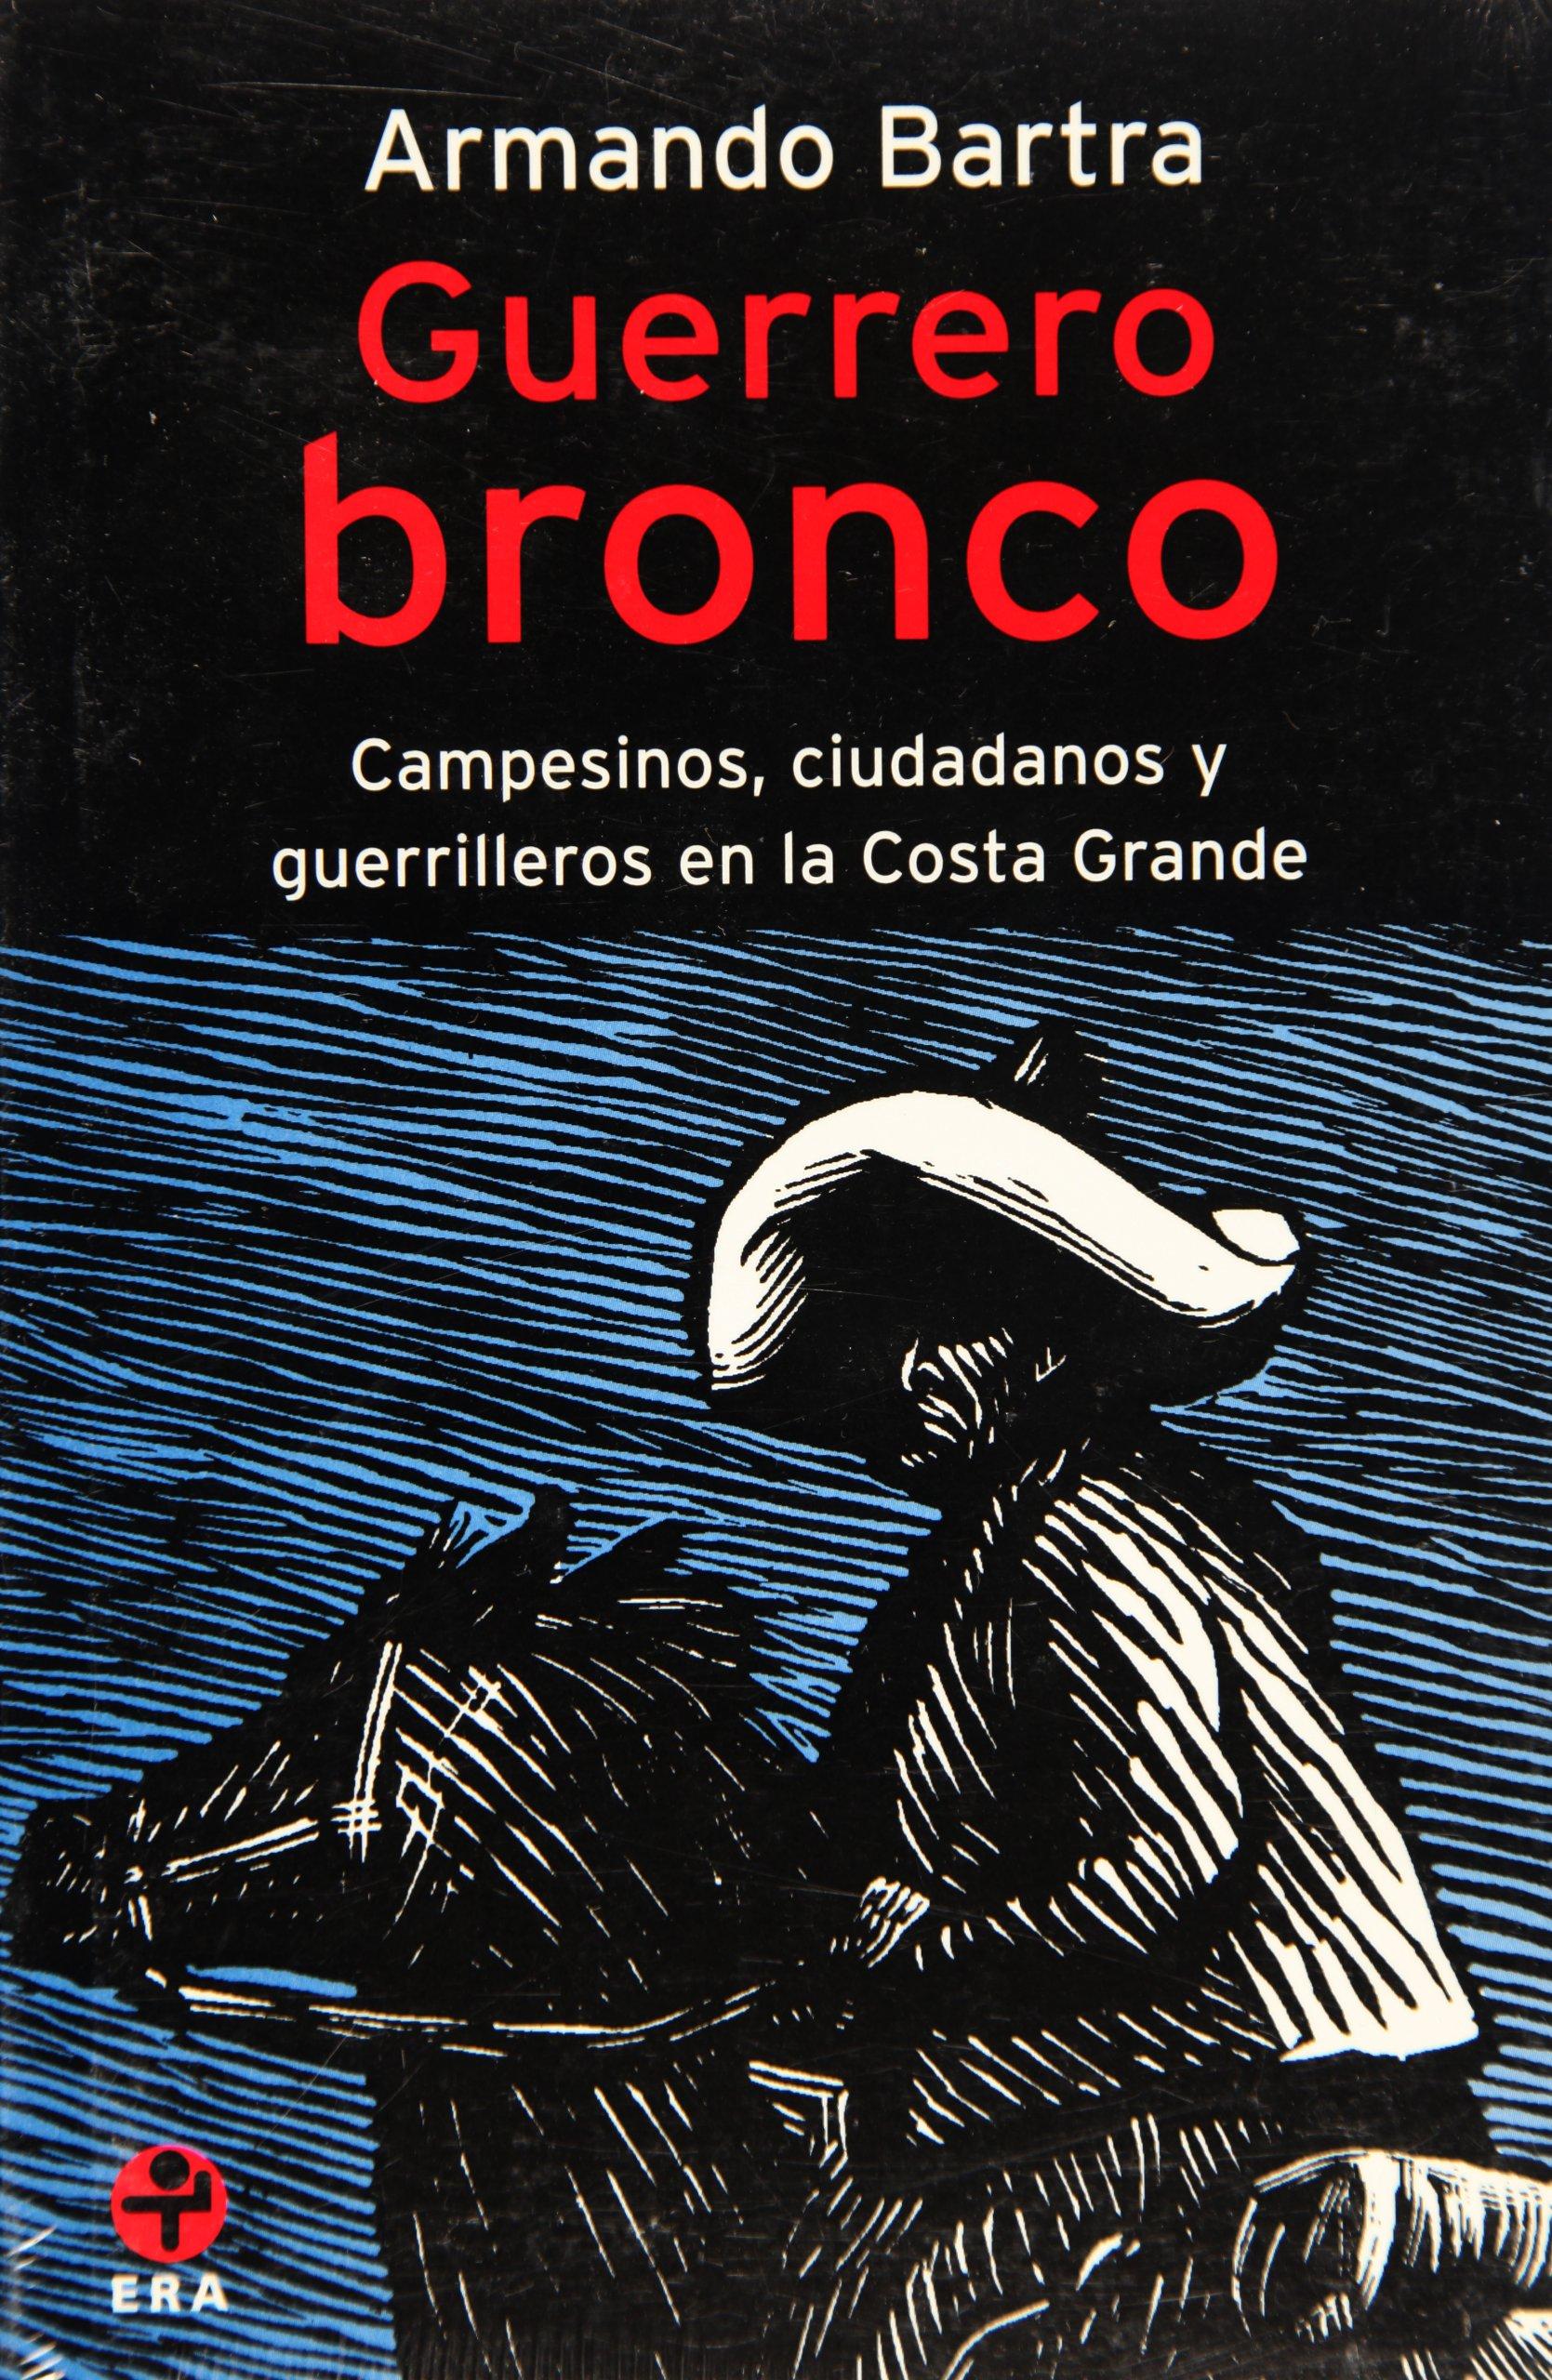 Guerrero bronco. Campesinos, ciudadanos y guerrilleros en la Costa Grande (Problemas De Mexico) (Spanish Edition) ebook